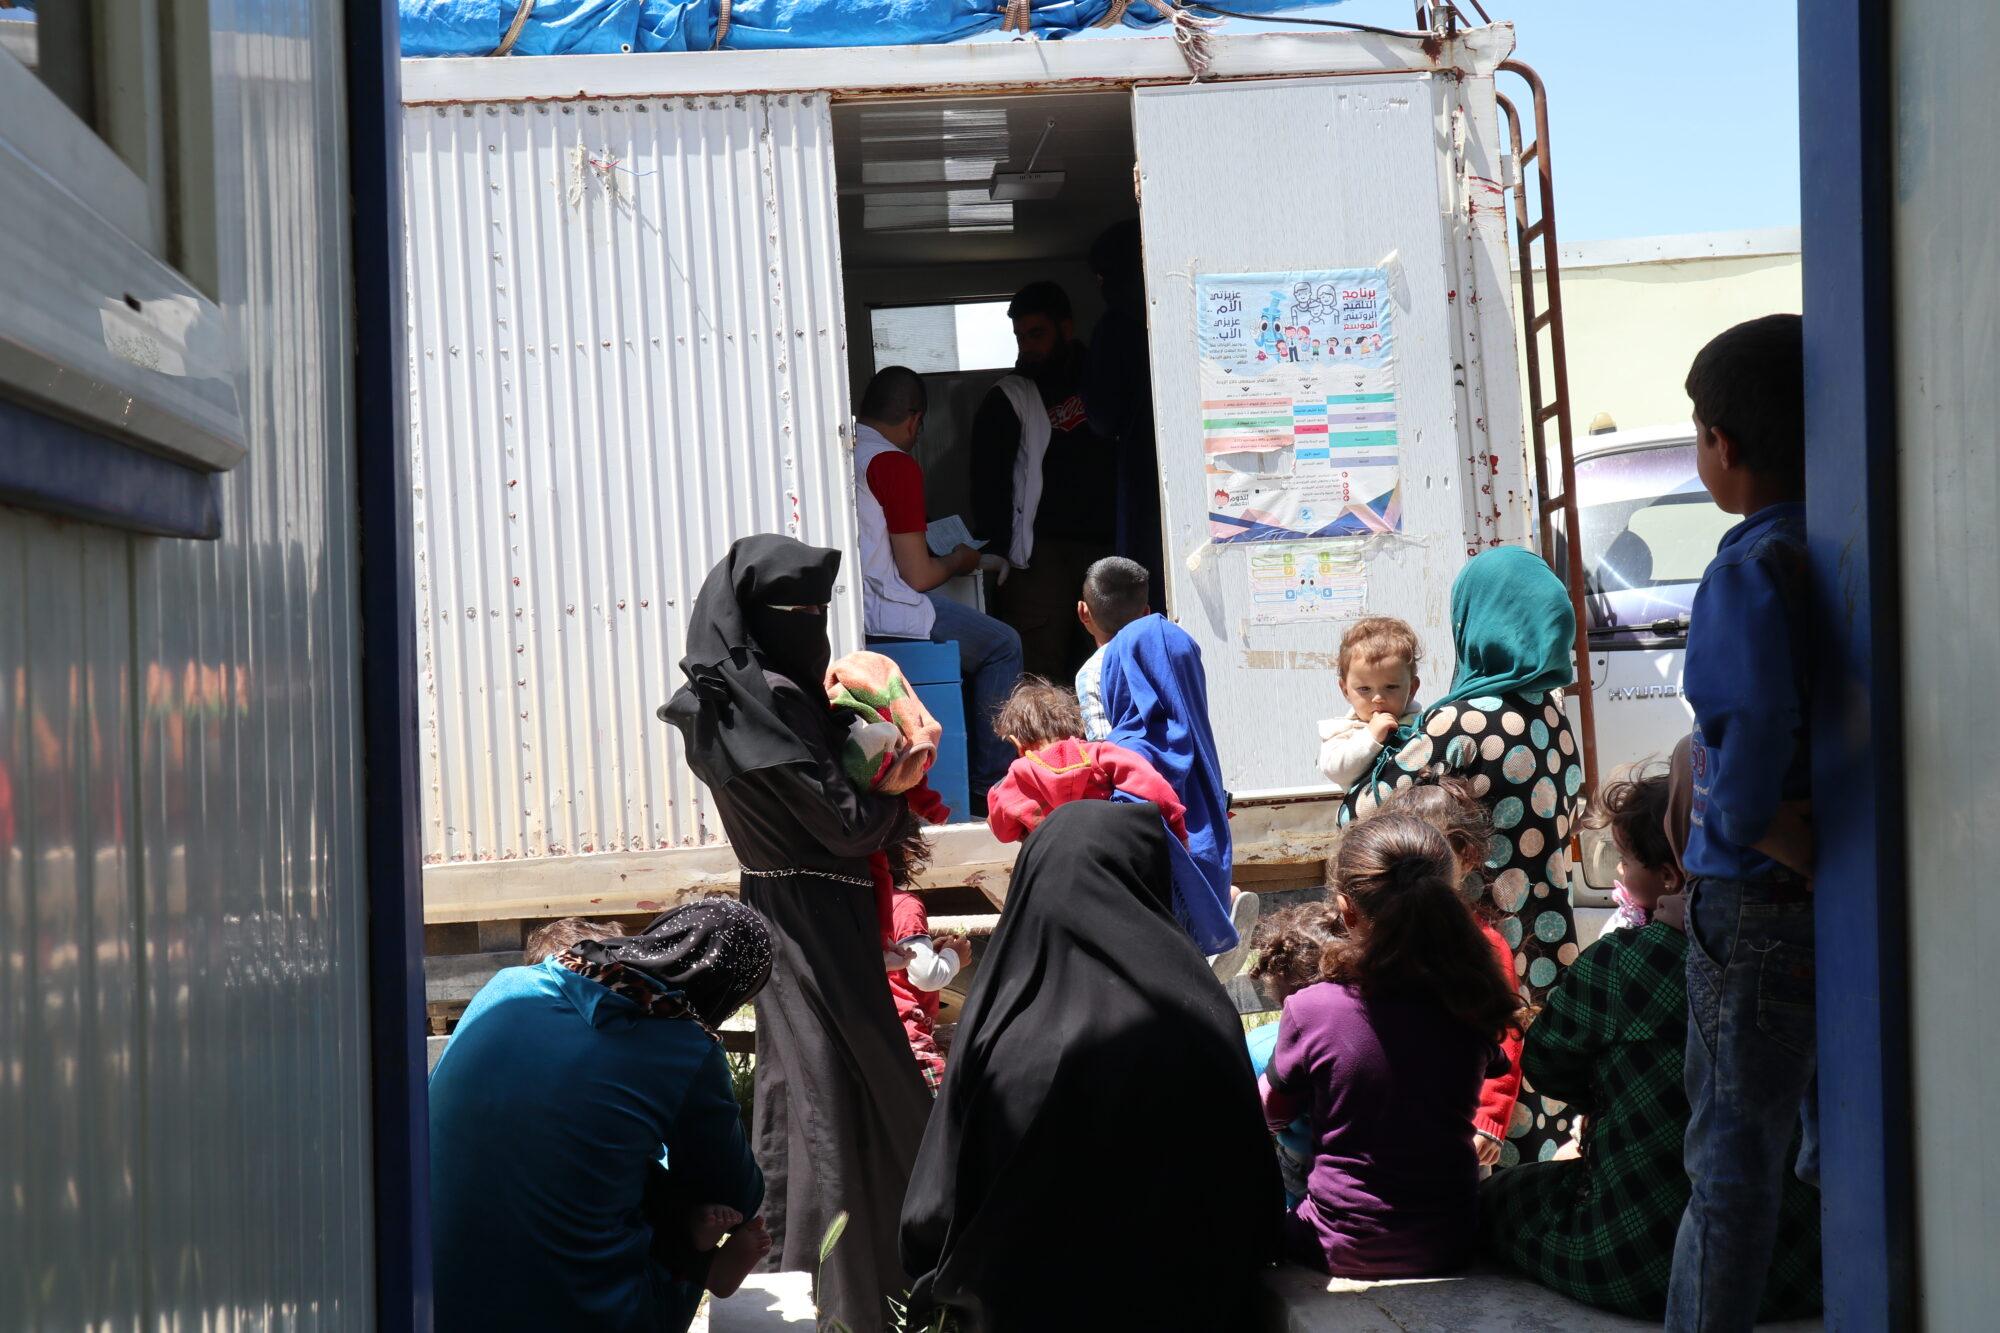 Naiset jonottavat lastensa kanssa mobiiliklinikan edessä.